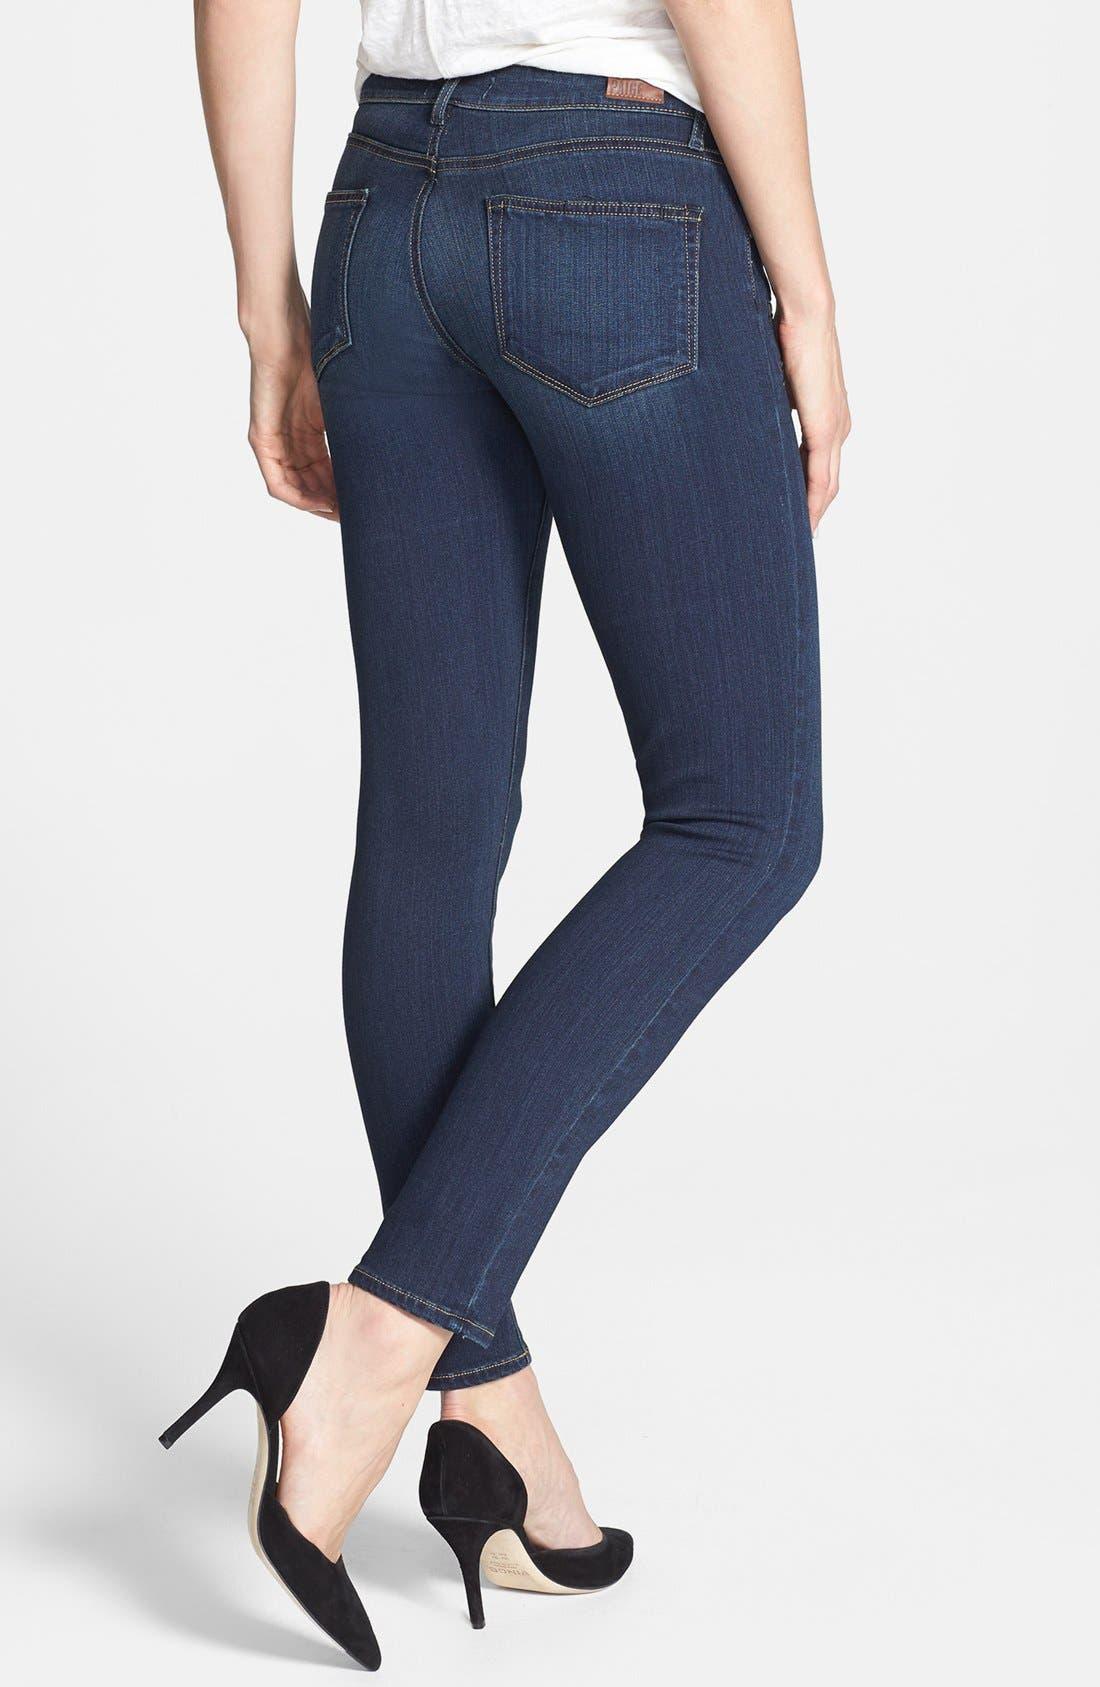 Transcend - Edgemont Zip Detail Ultra Skinny Jeans,                             Alternate thumbnail 5, color,                             400